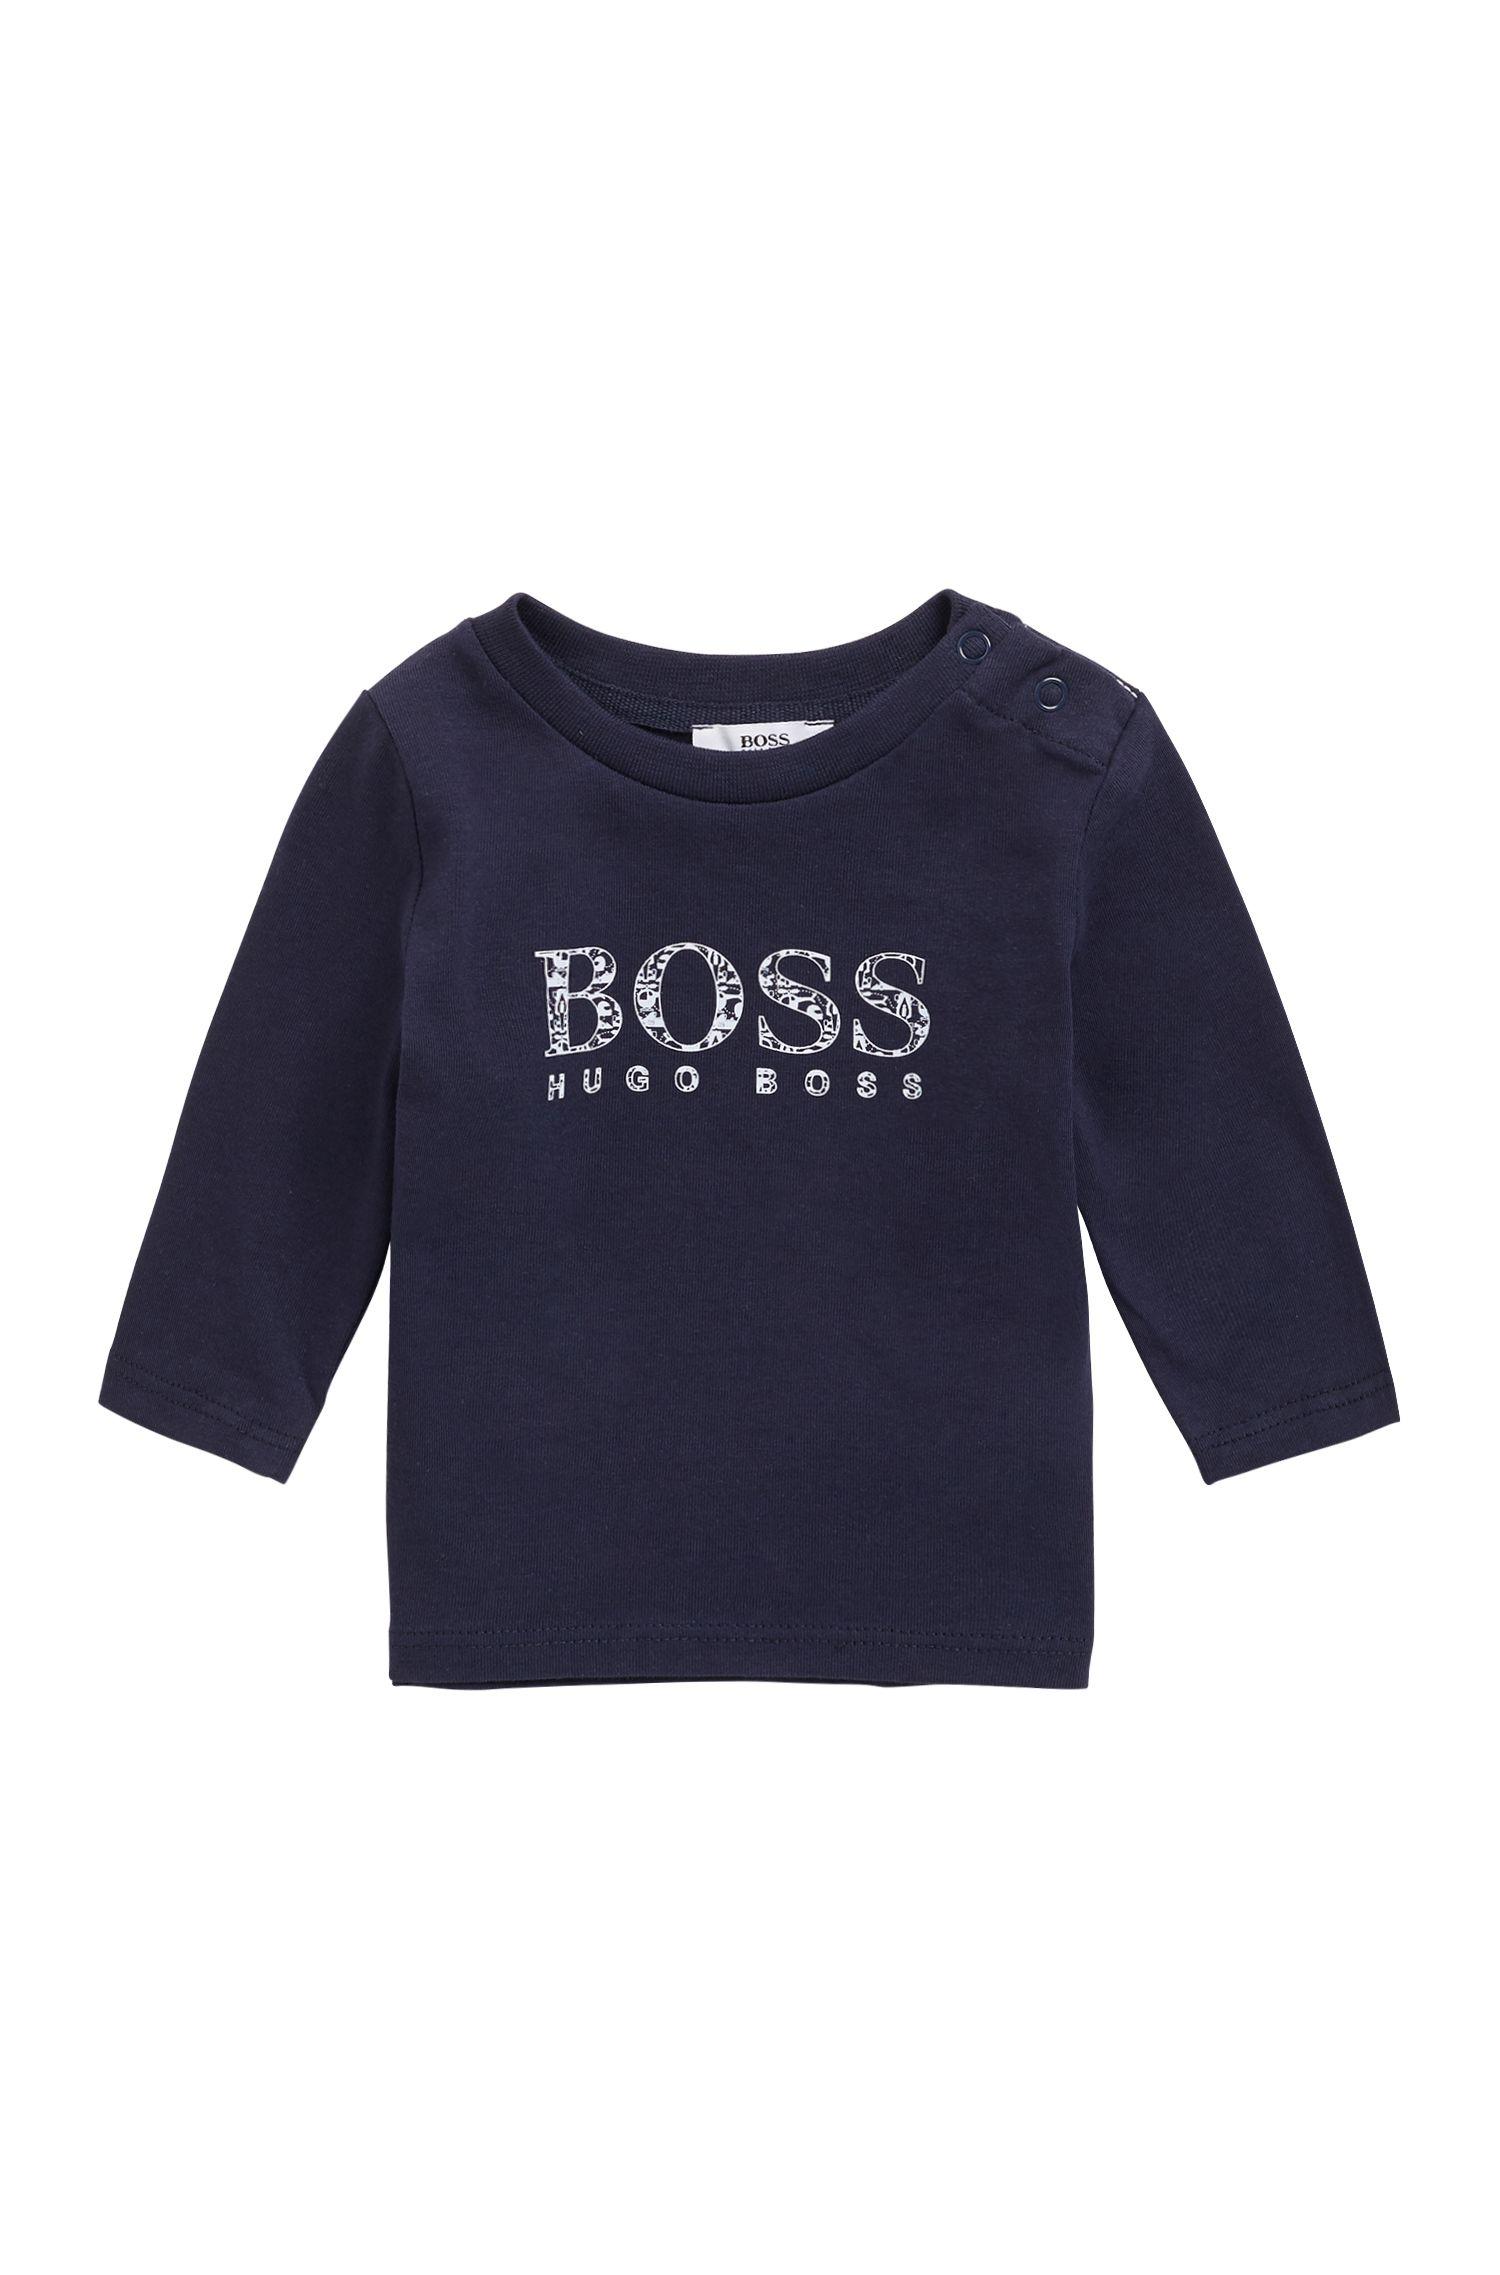 T-shirt pour bébé en jersey de coton à logo imprimé, Bleu foncé